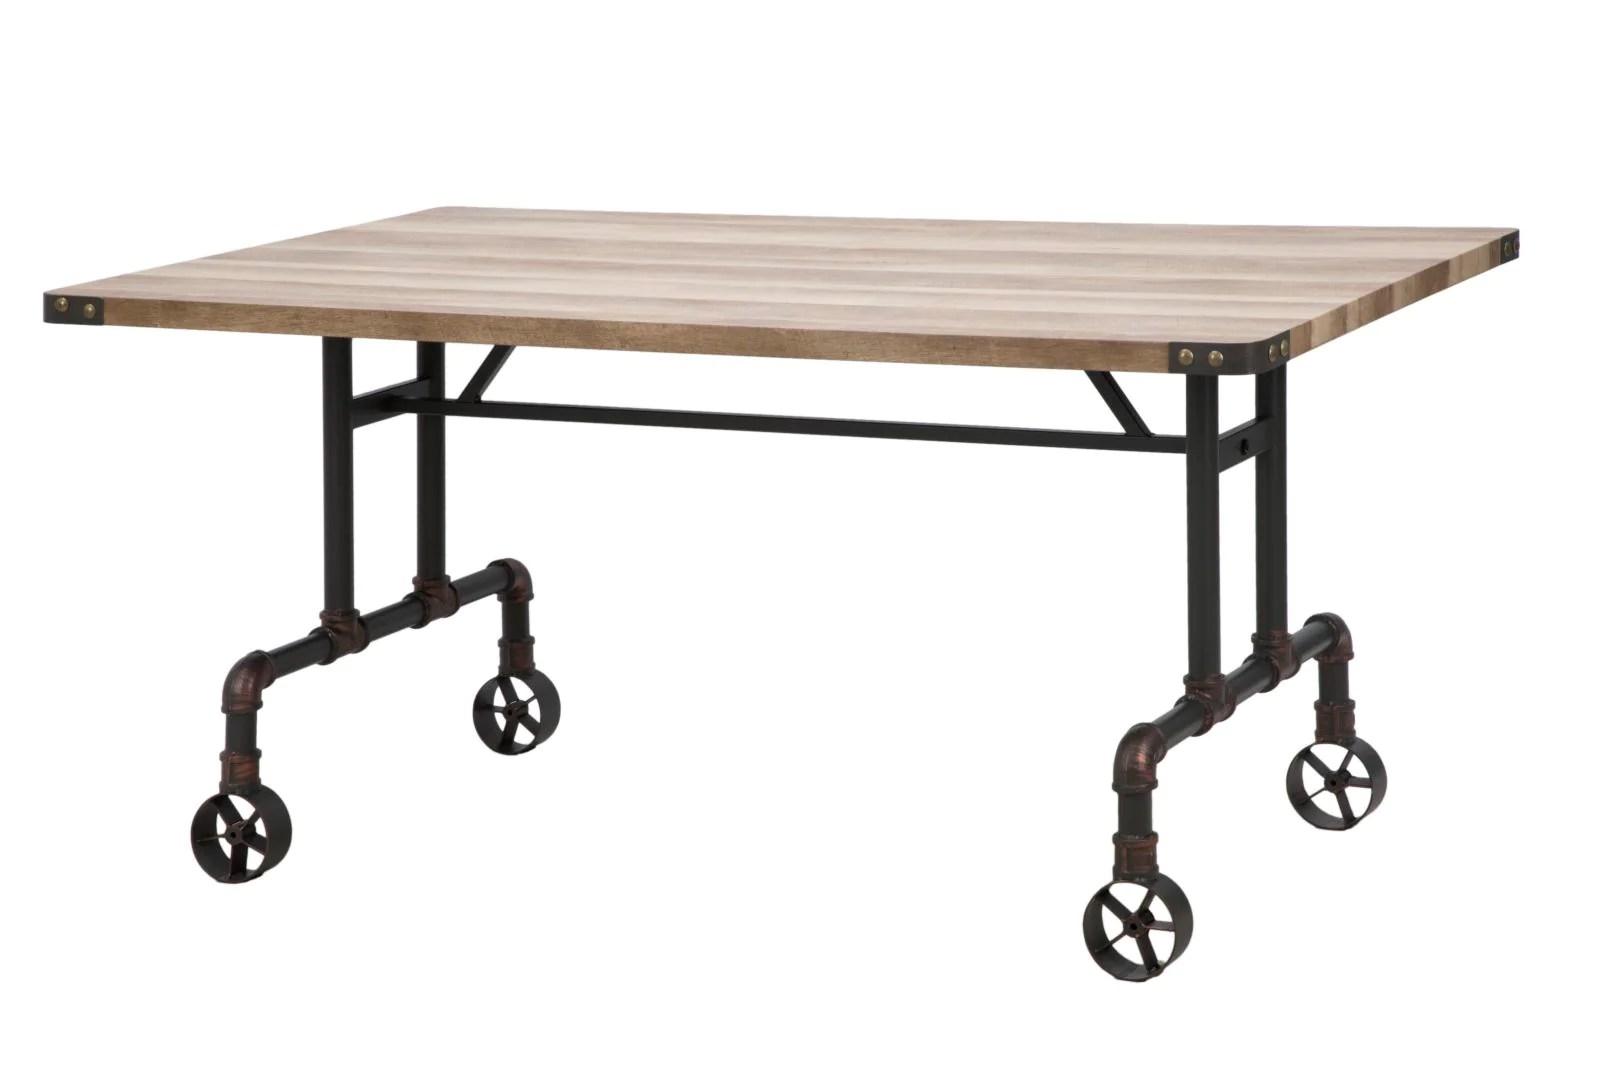 Tavoli Da Pranzo In Legno Riciclato : Vendita tavolo tavolo industrial legno riciclato mobili vendita